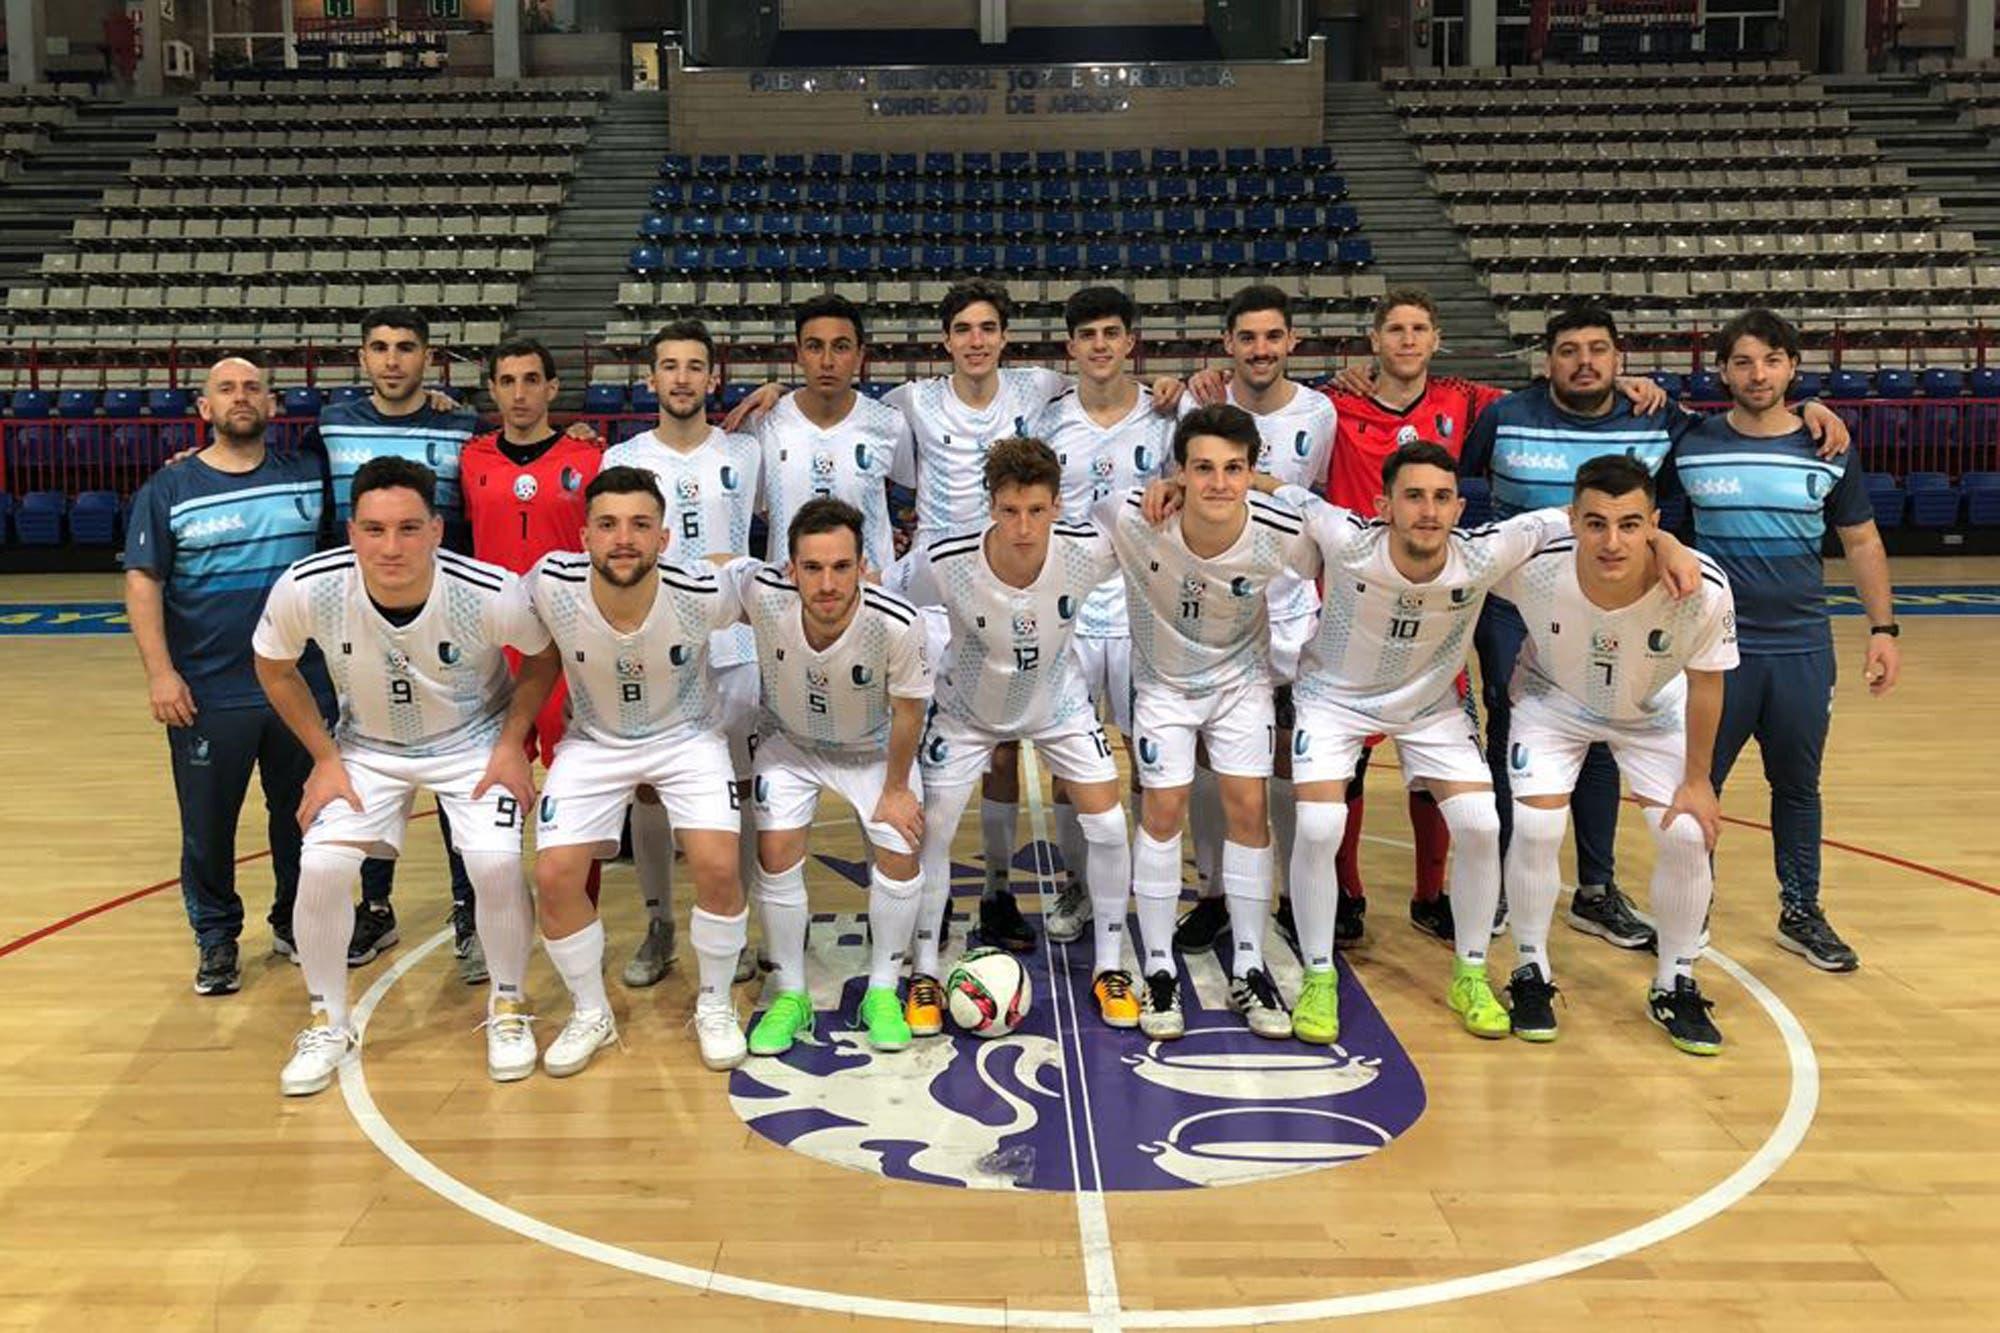 Fue estafada con los pasajes y reservas, pero la selección universitaria argentina de futsal ya ganó su propio partido